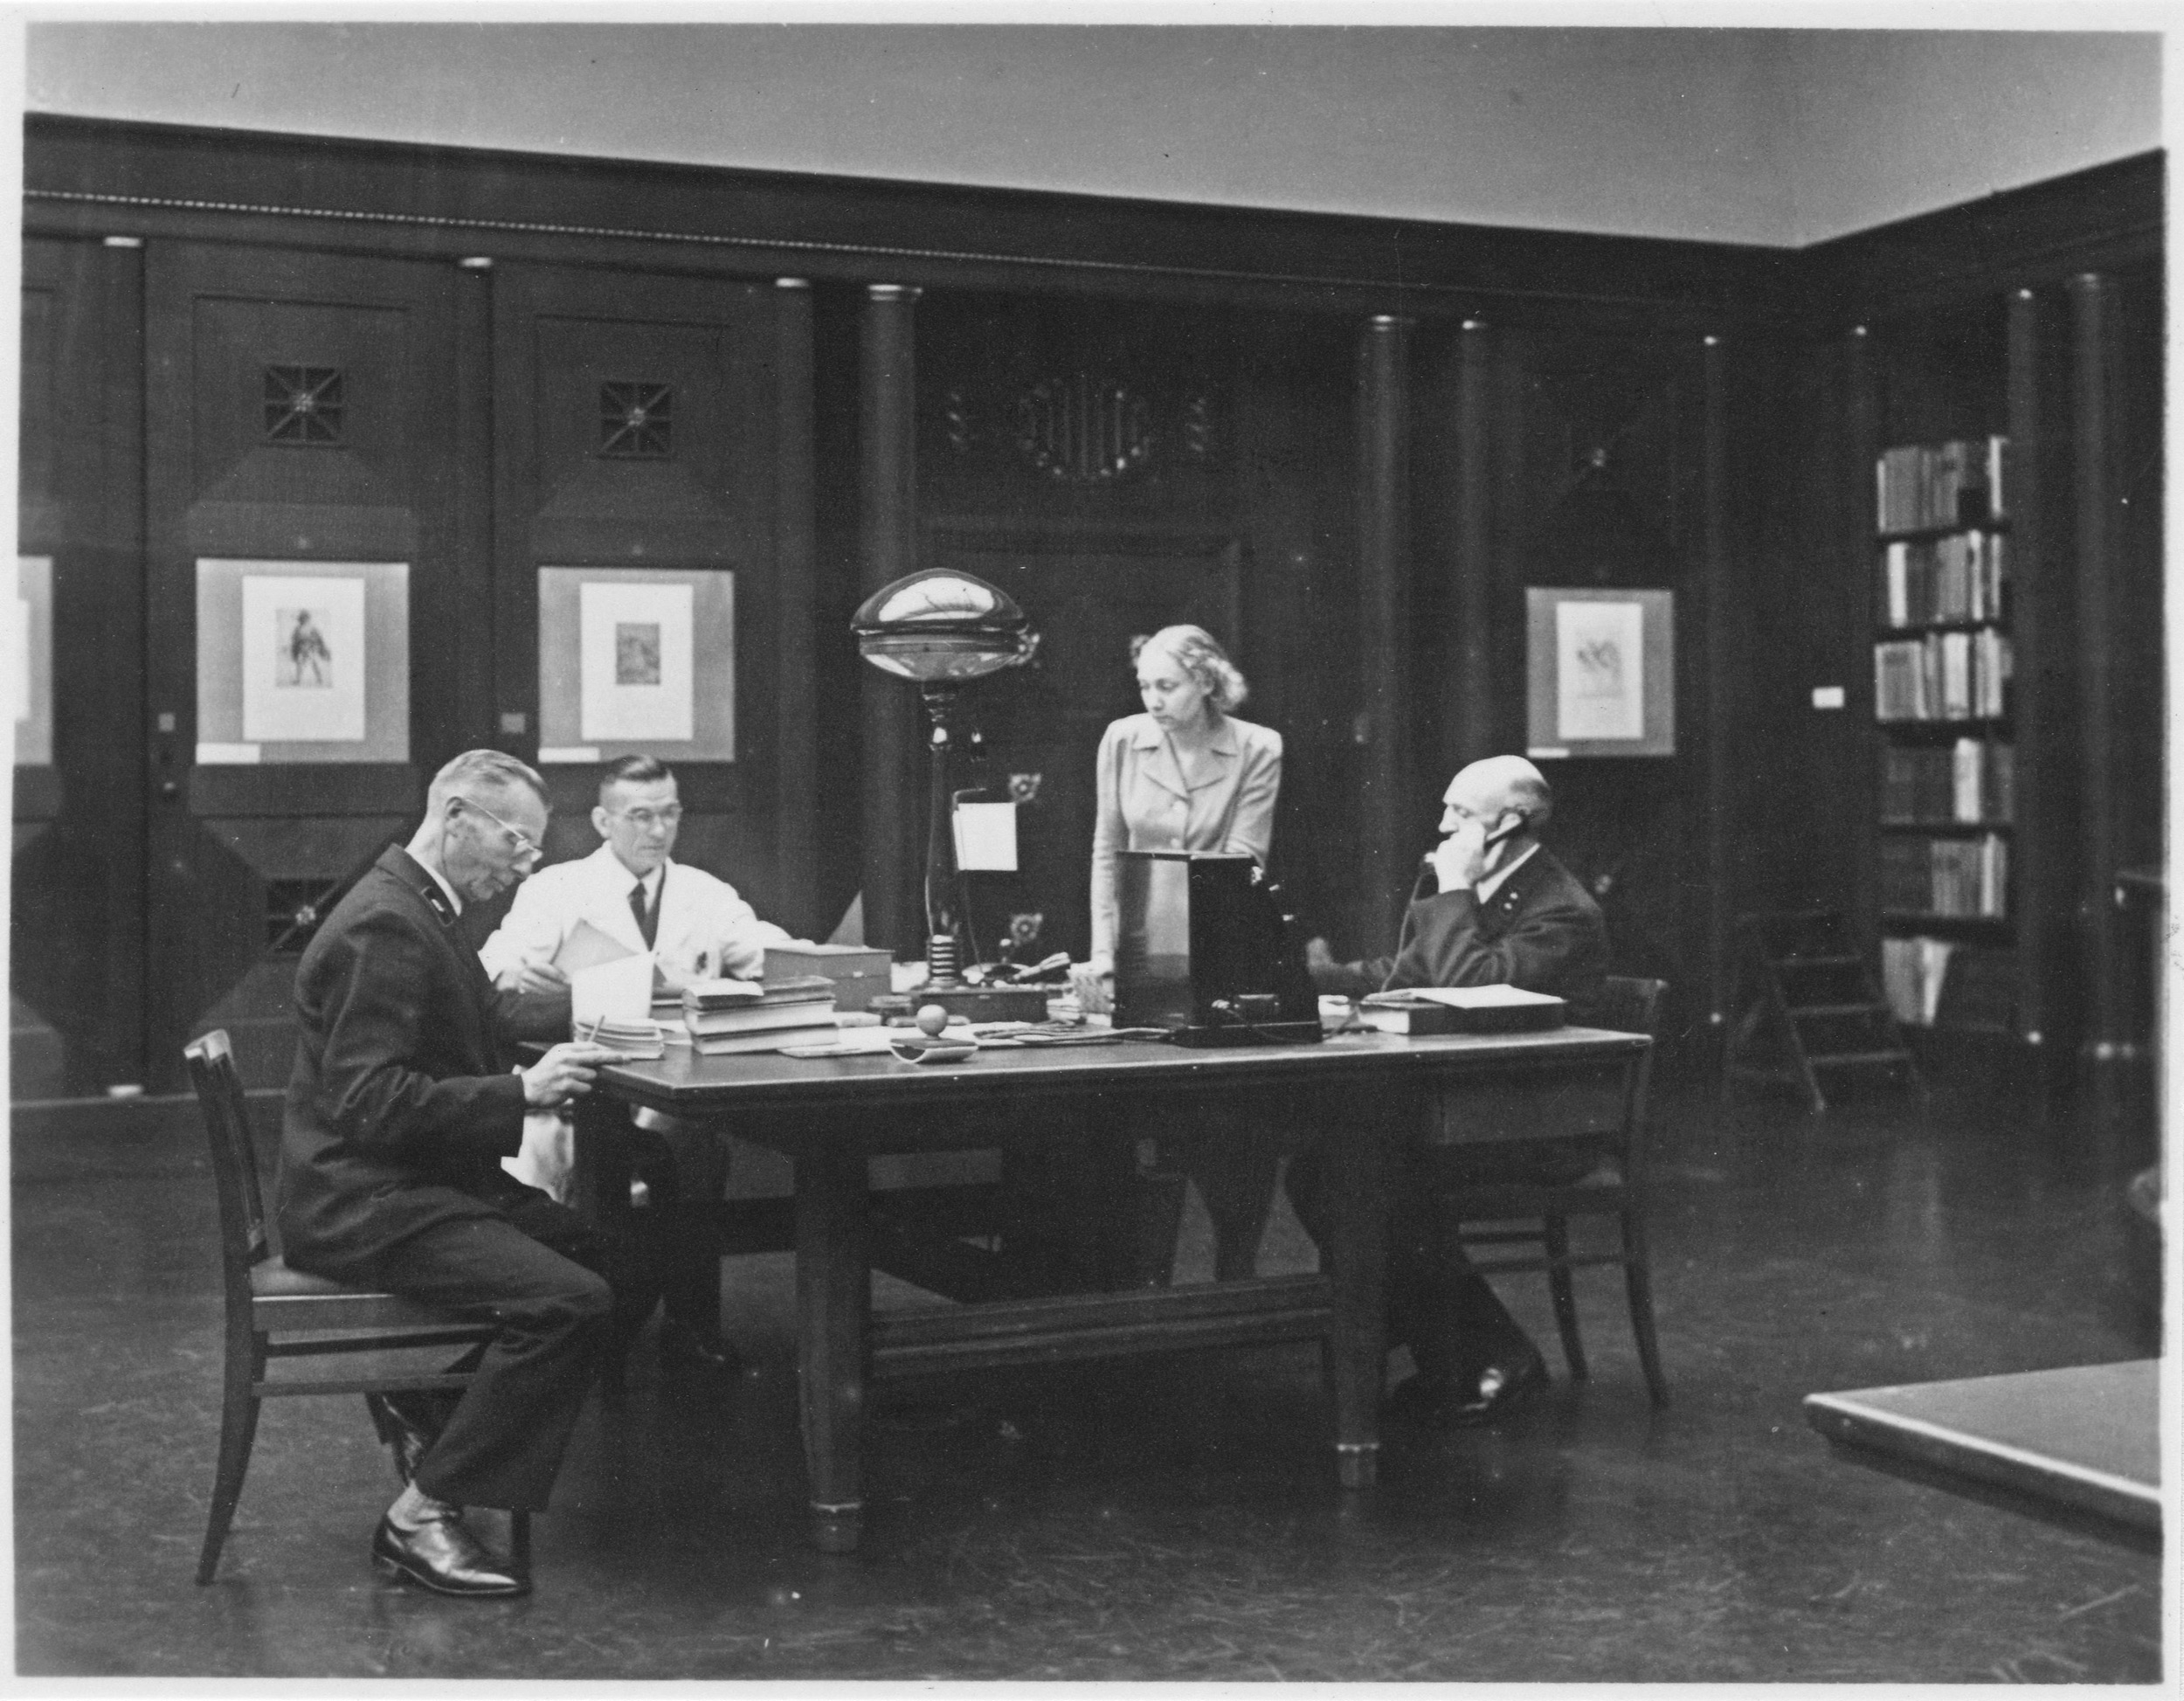 Hamburger Kunsthalle, Kupferstichkabinett, 1940er Jahre, Bibliothek, Ansicht